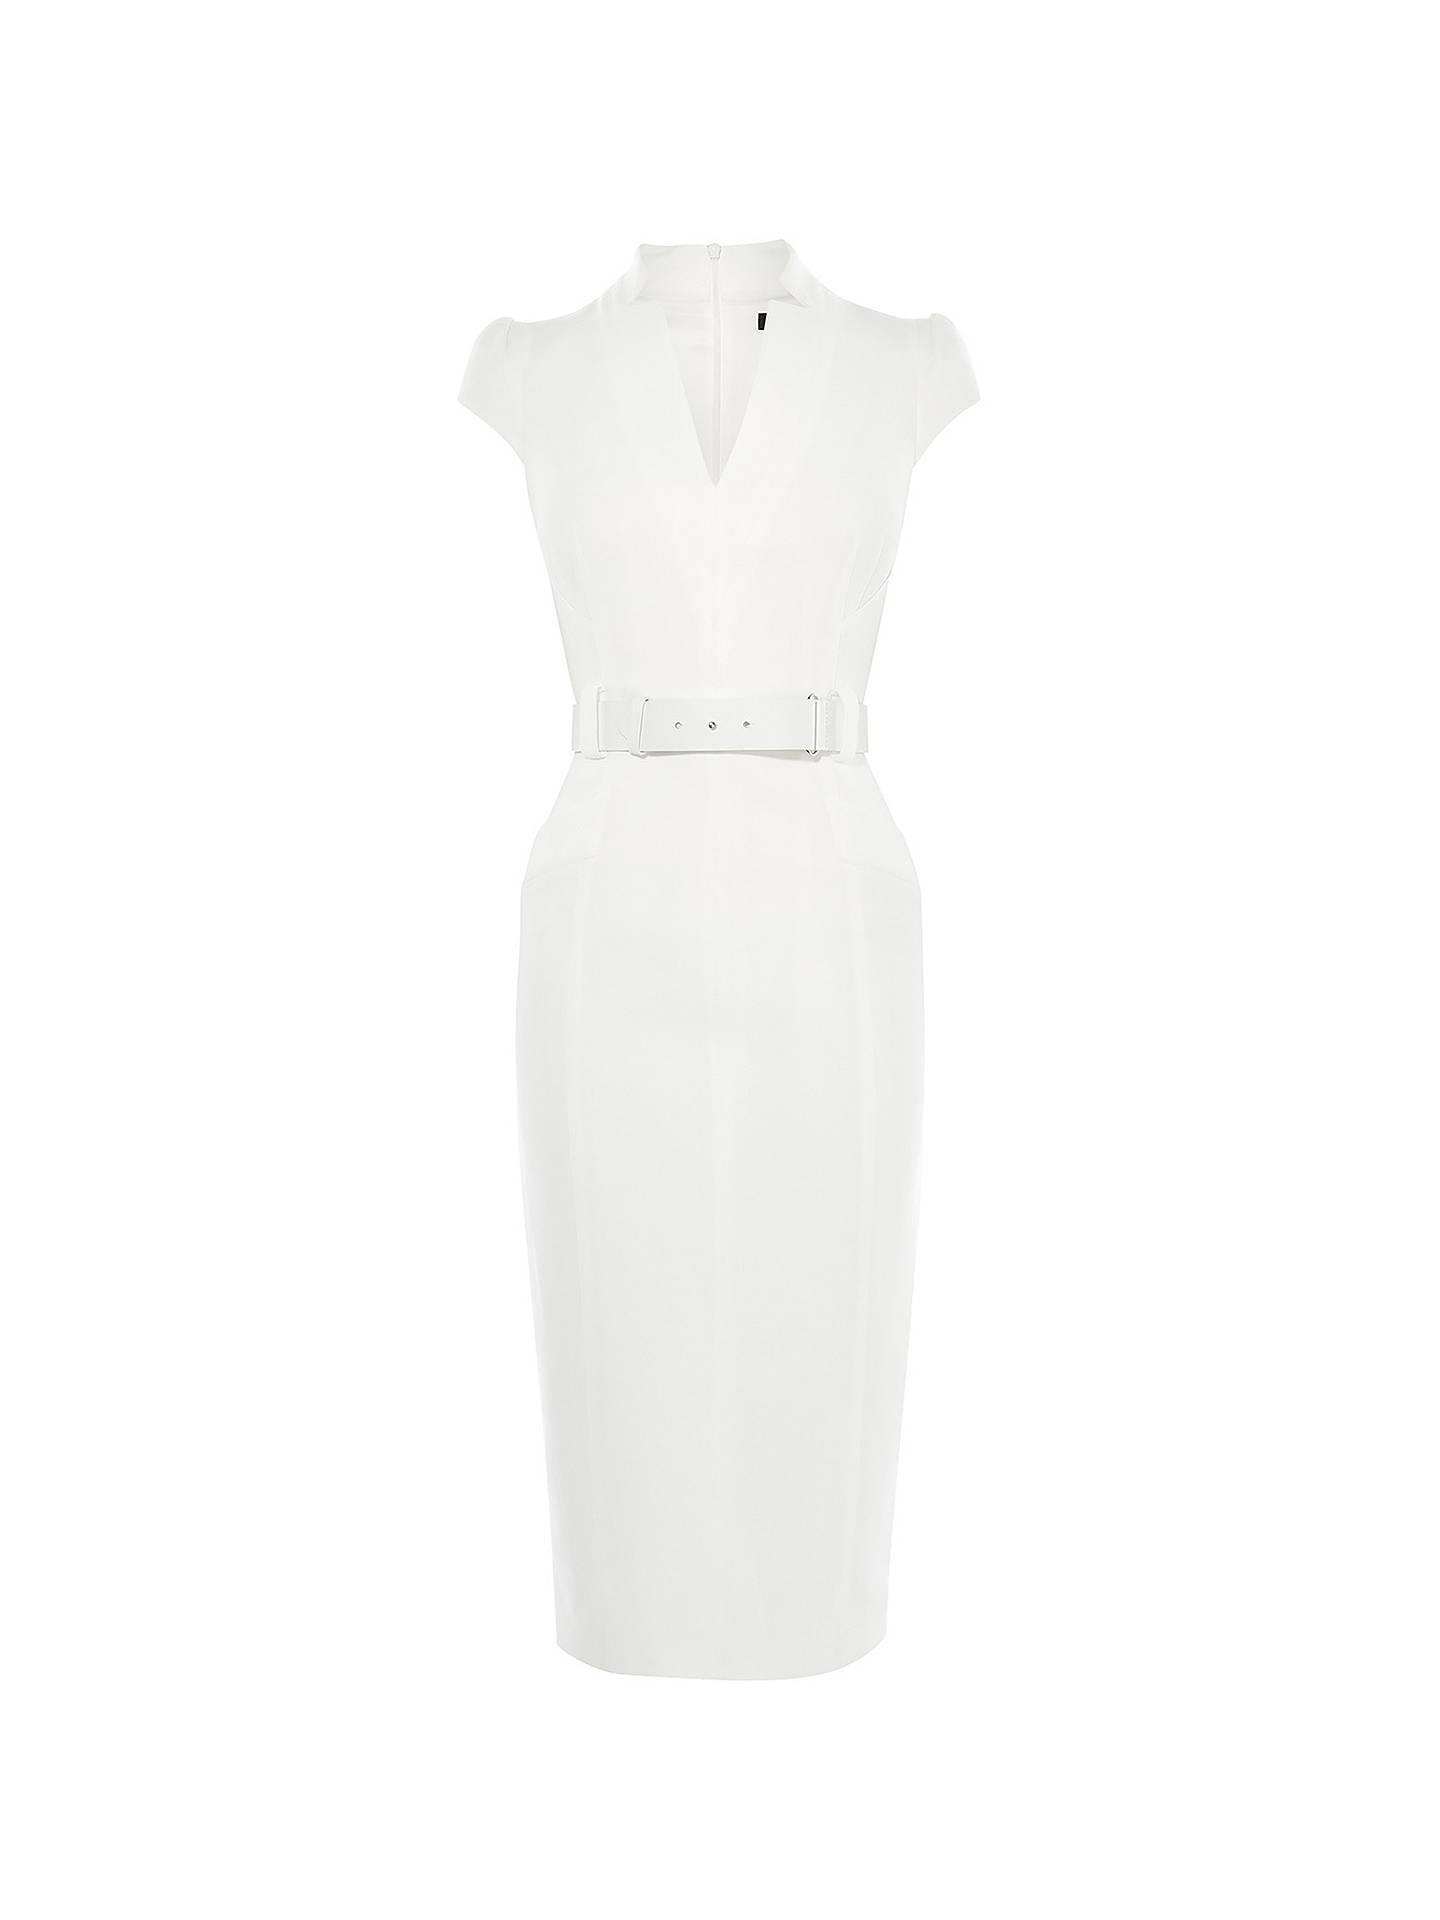 Karen Millen Minimal Metalwork Dress, Ivory at John Lewis & Partners